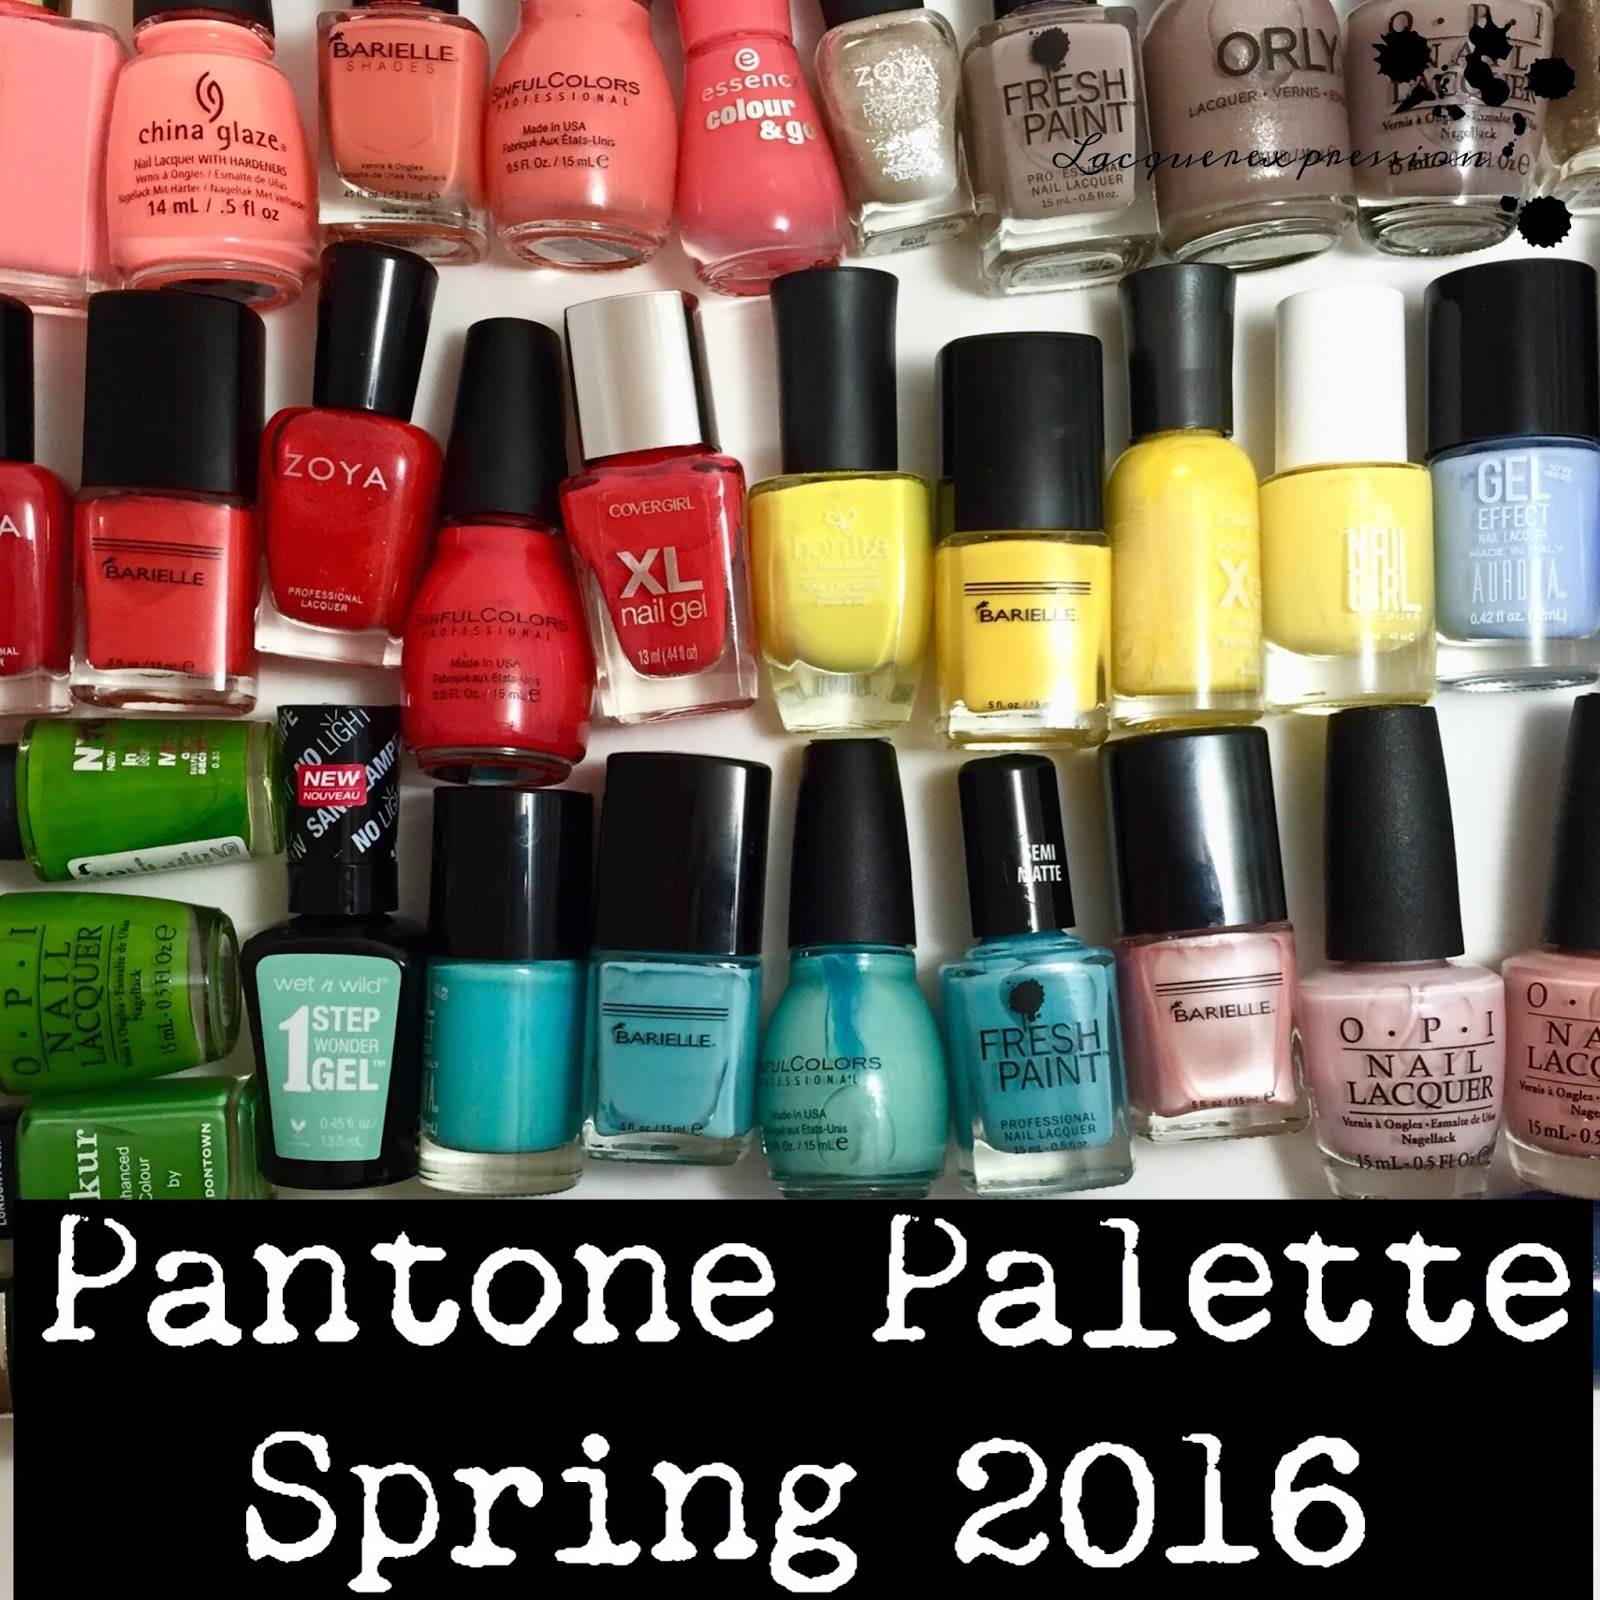 New Nail Polish Colors 2016: Pantone Spring 2016 Nail Polish Recommendations